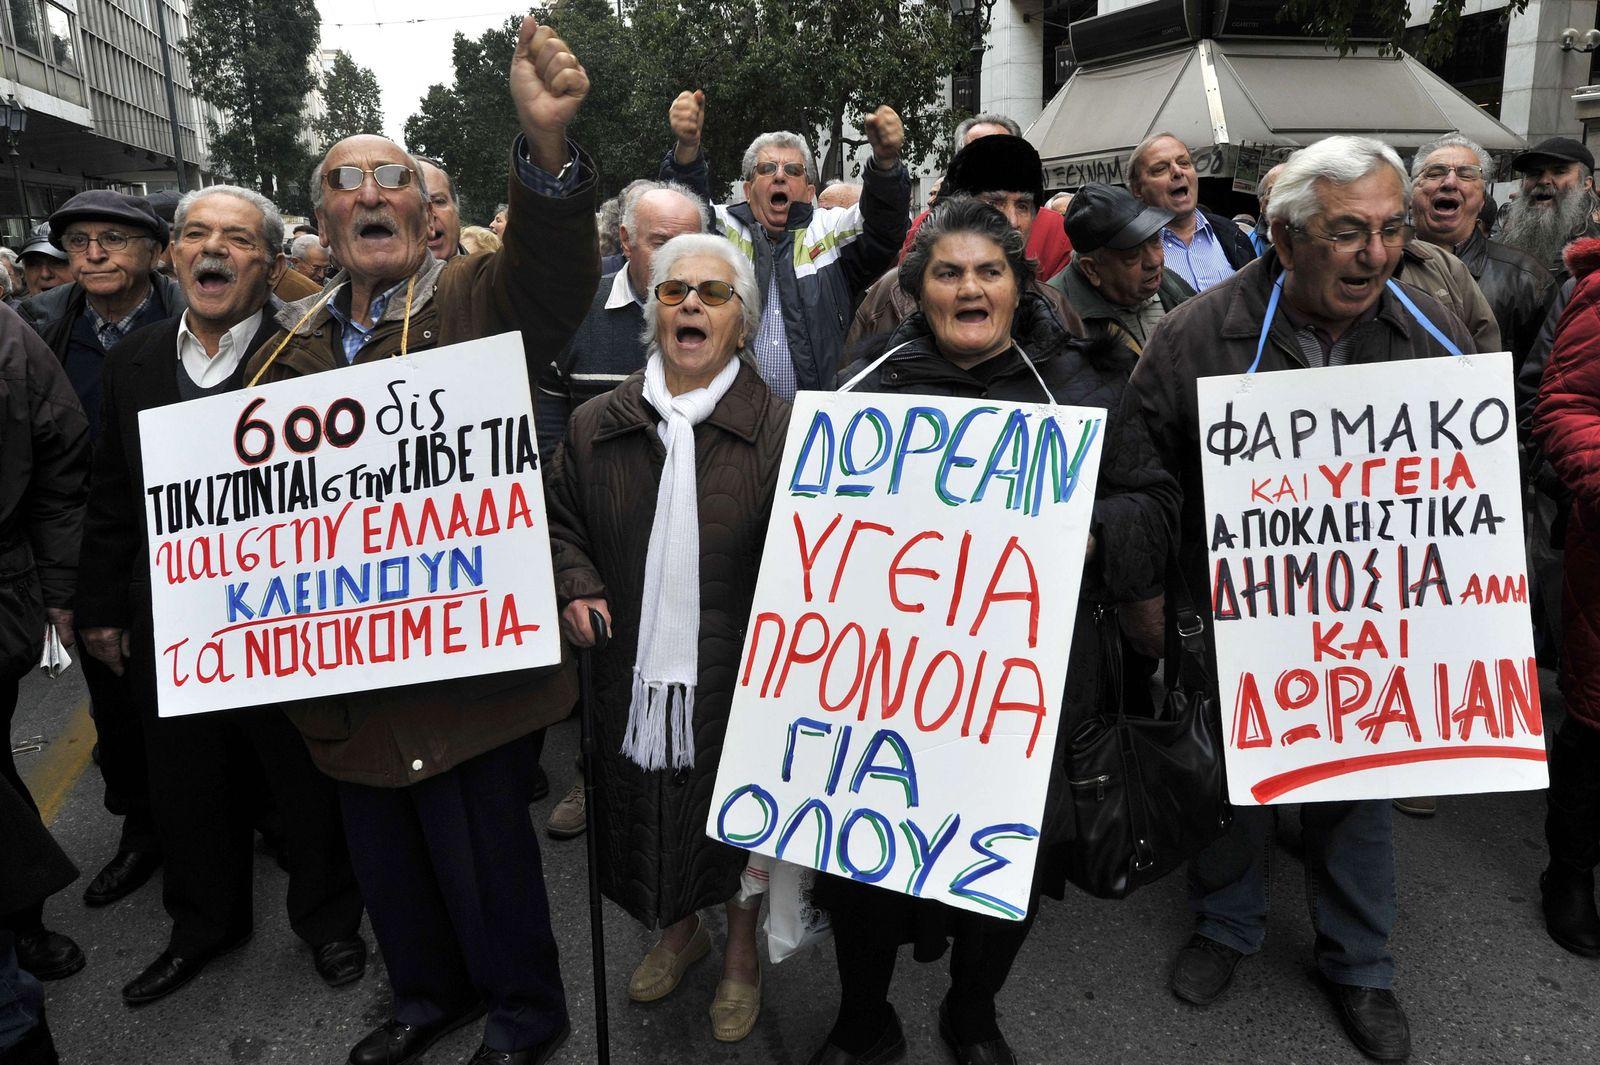 Griechenland / Krise / Protest